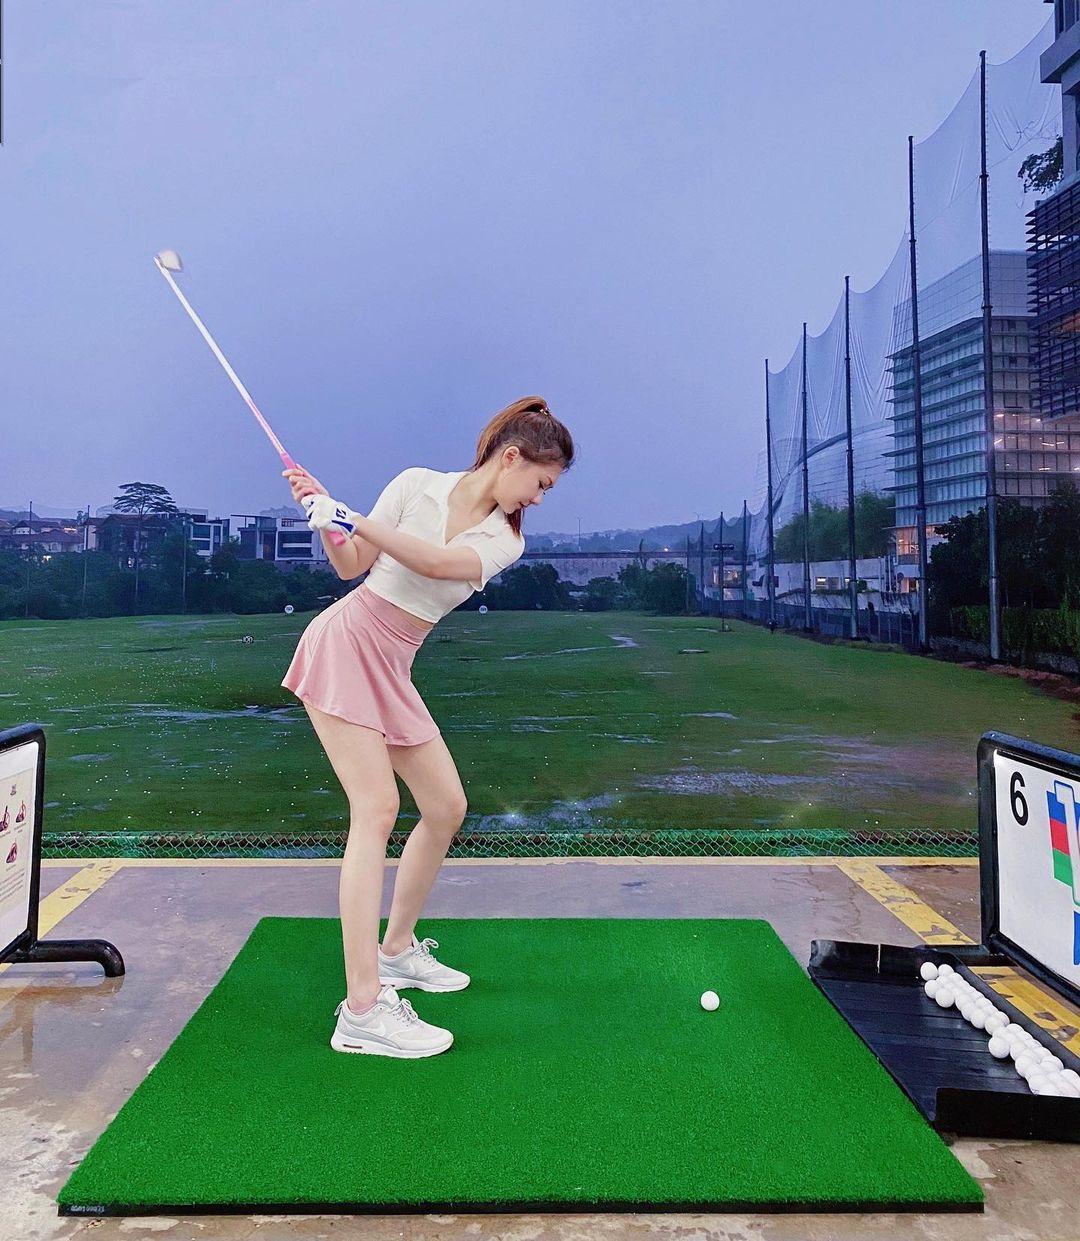 Môn đặc biệt giữ đường cong của người đẹp sân golf - 1